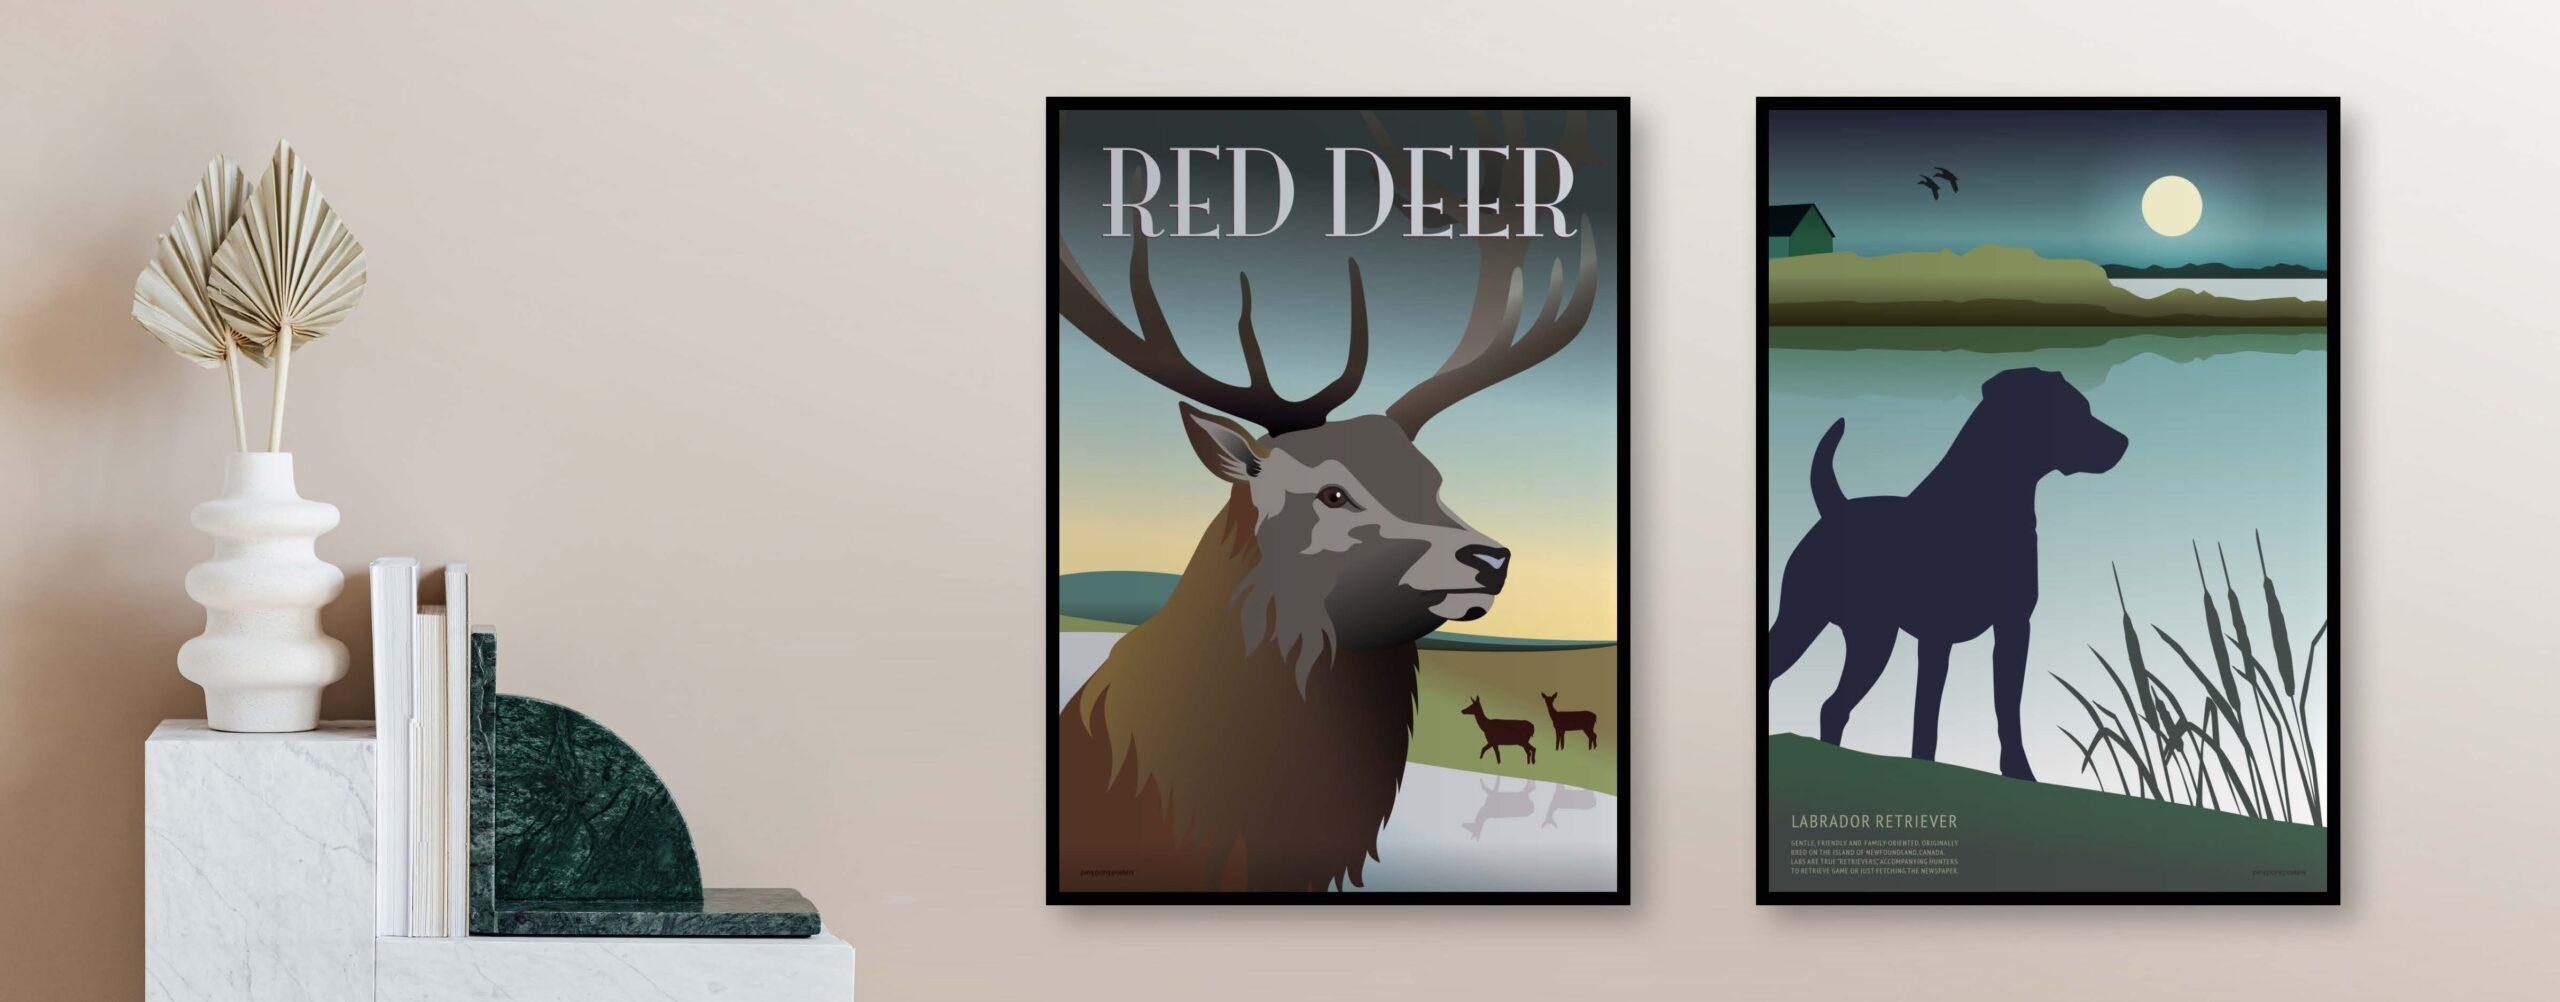 Plakaterne med den røde hjort og labrador retriever hænger på vægen